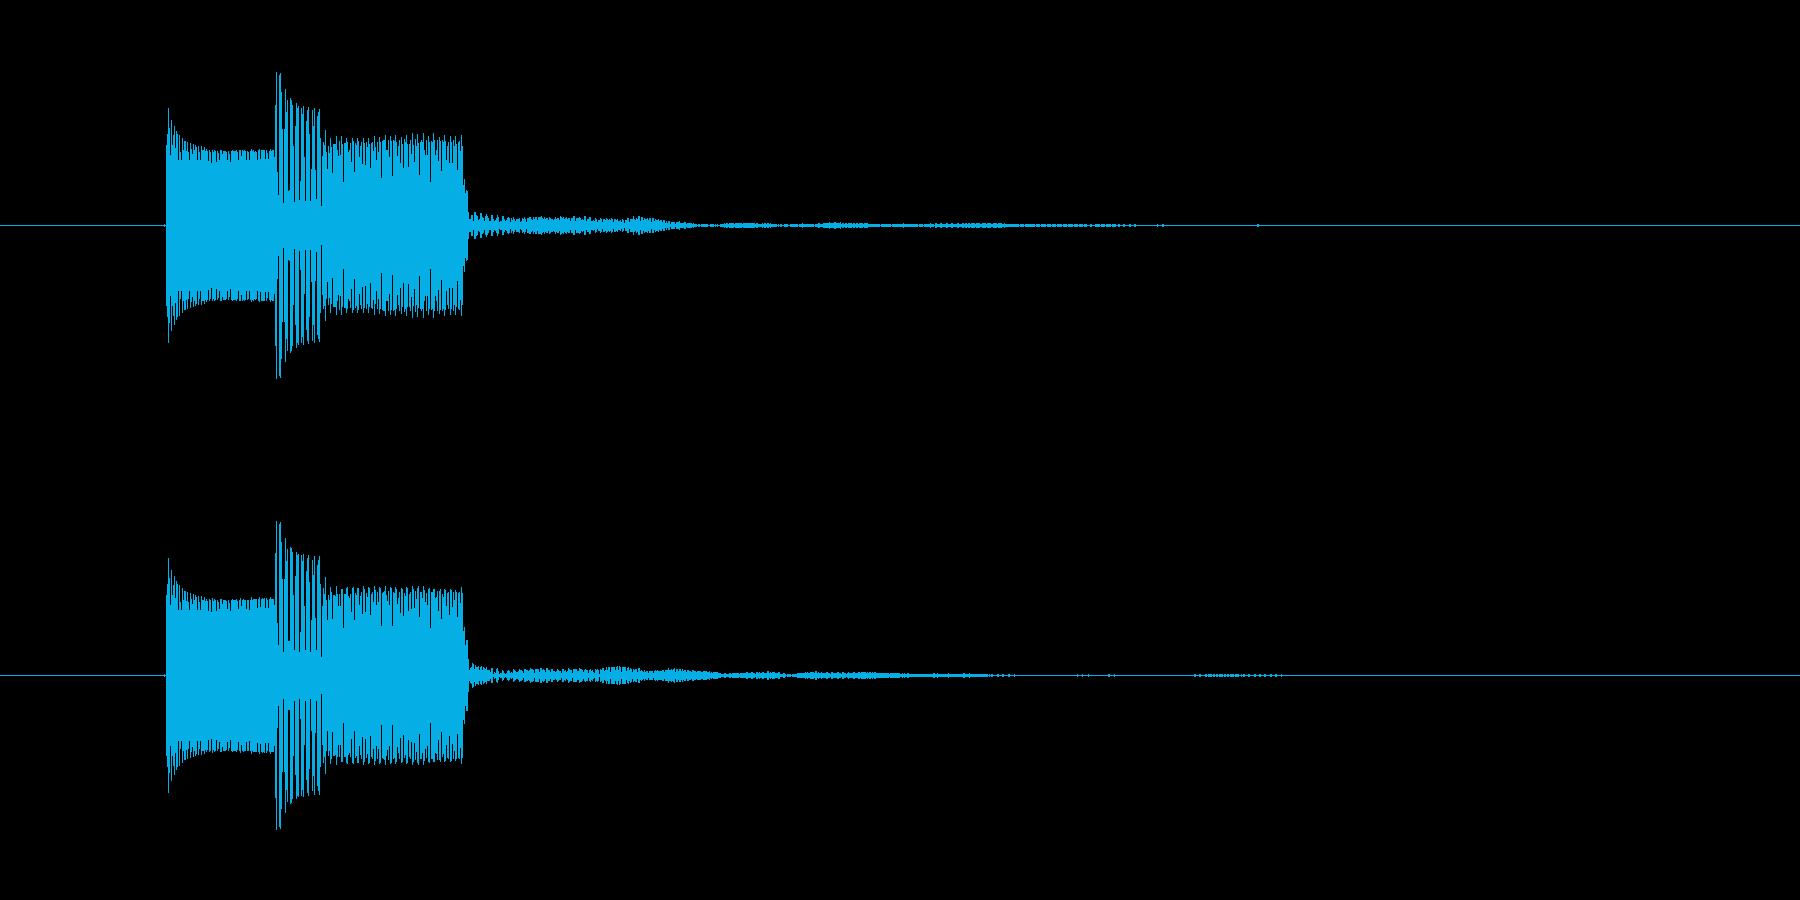 キャンセル音(クリック)の再生済みの波形